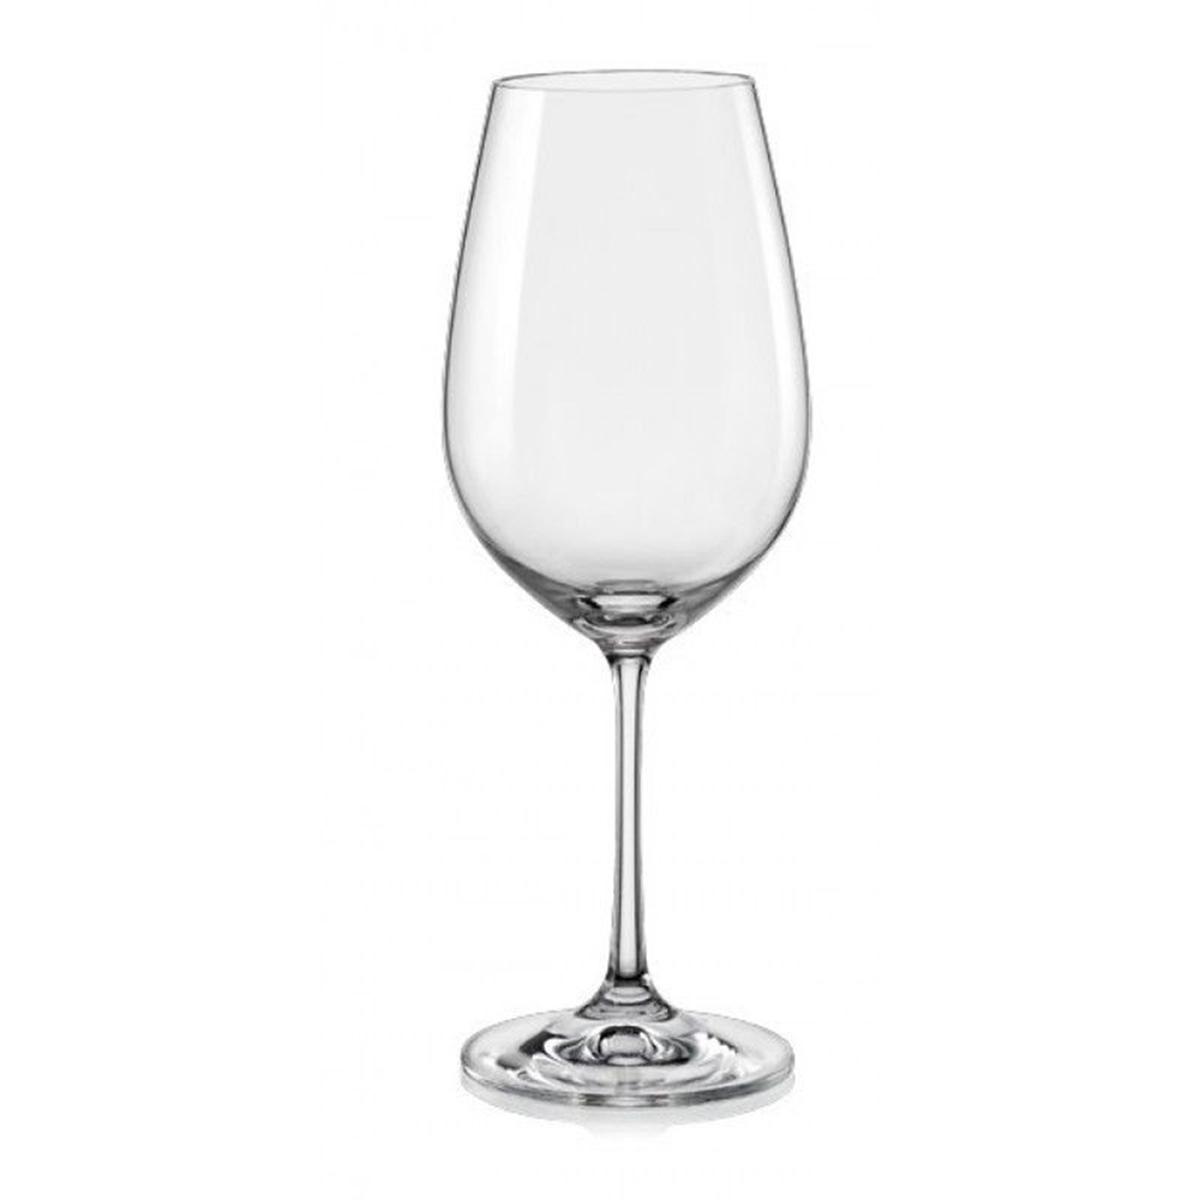 Набор бокалов для вина Bohemia Crystal Виола, 250 мл, 6 шт40729/250Бокалы для вина Bohemia Crystal коллекции Виола порадуют не только вас, но и ваших гостей. Они обладают привлекательным внешним видом, а материалом их изготовления является высококачественное хрустальное стекло. Кроме того, красоту бокала подчеркивает элегантная форма ножки.